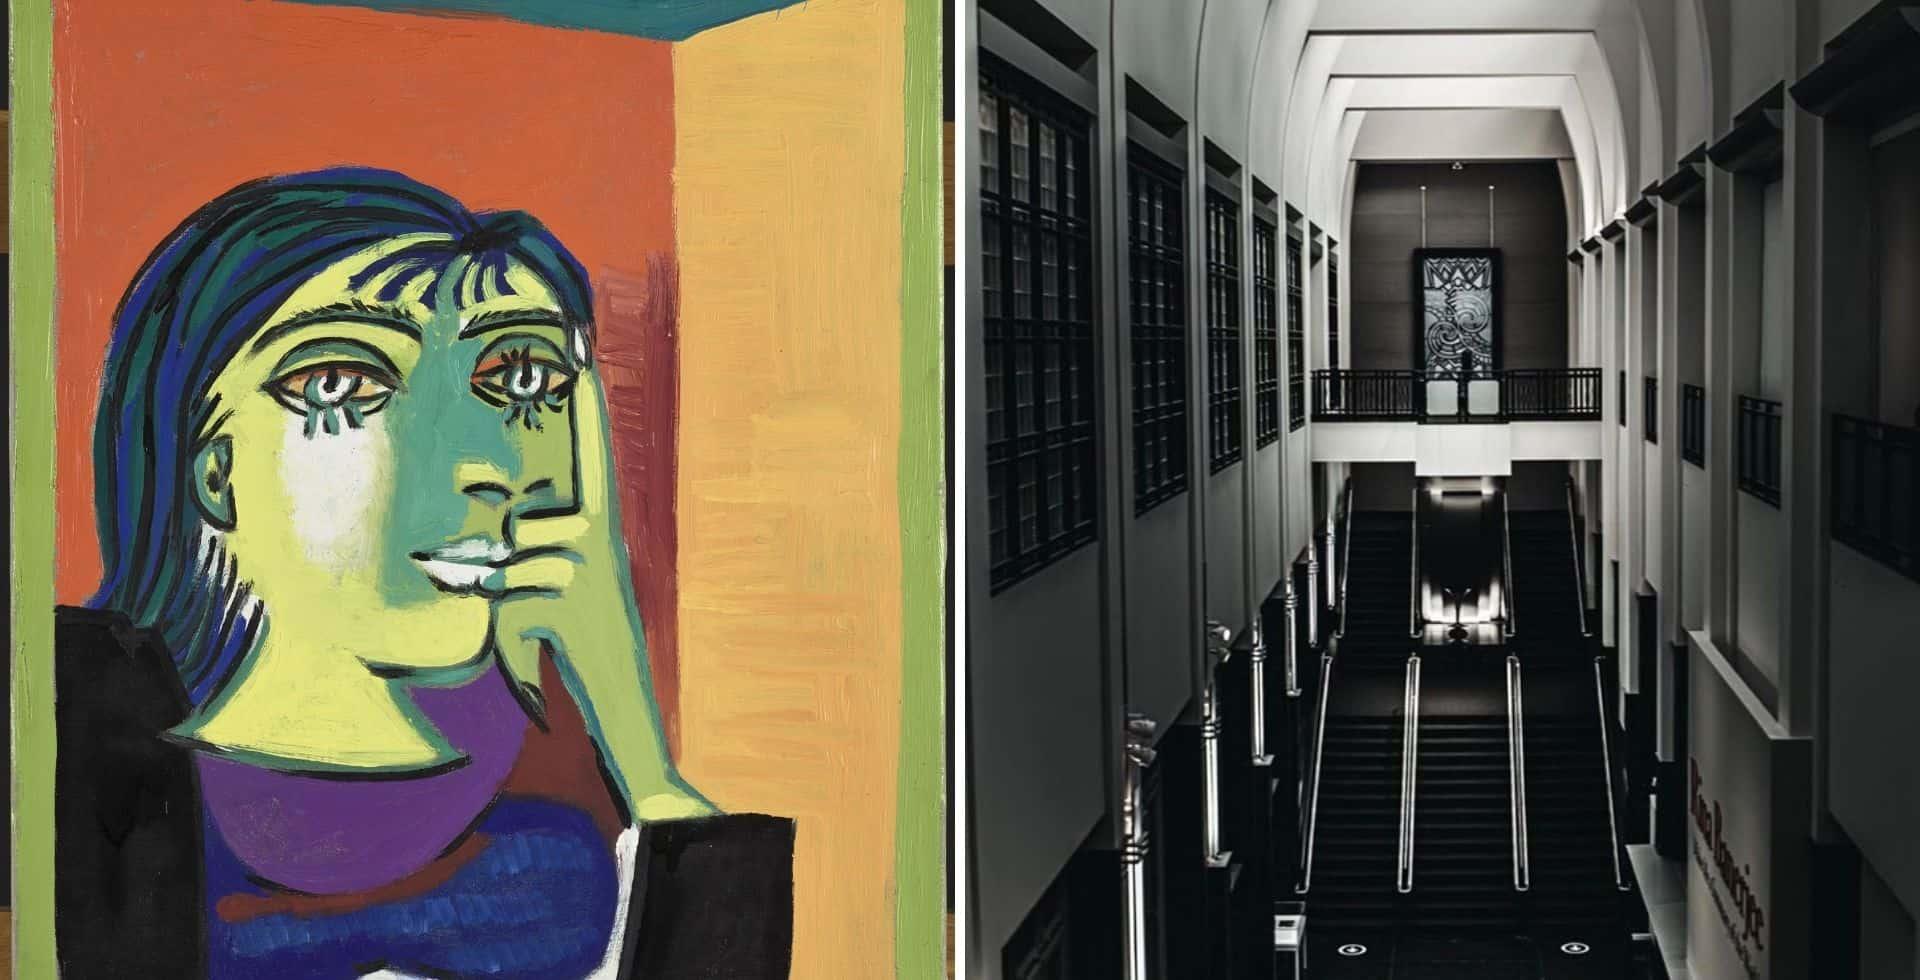 Una muestra del arte de Pablo Picasso se podrá ver en Estados Unidos a partir de 2021